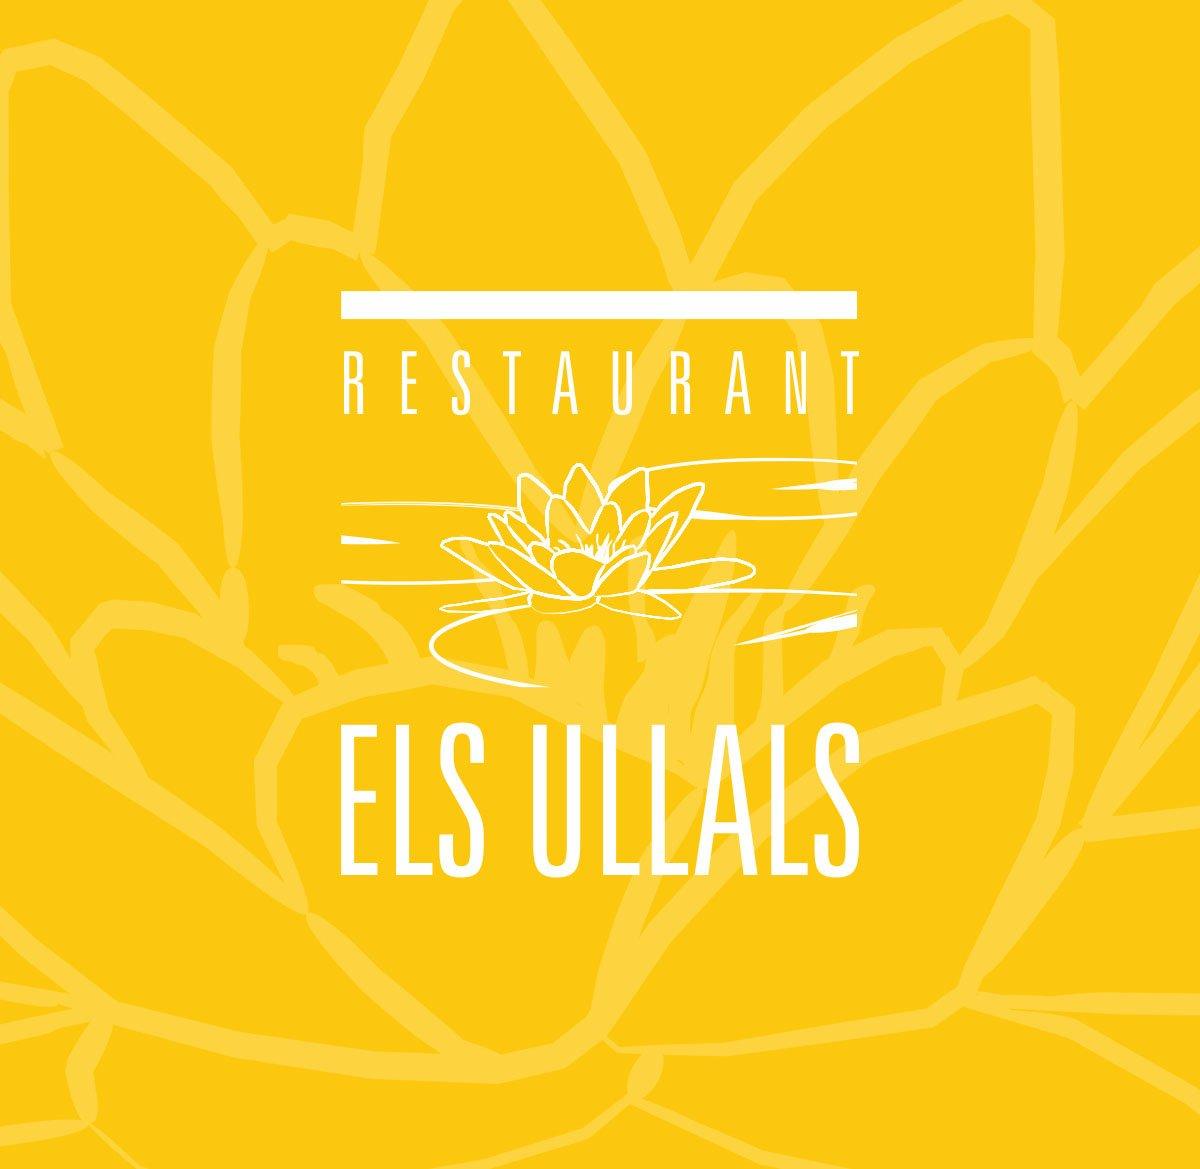 Logotip negatiu sobre groc 2 Els Ullals